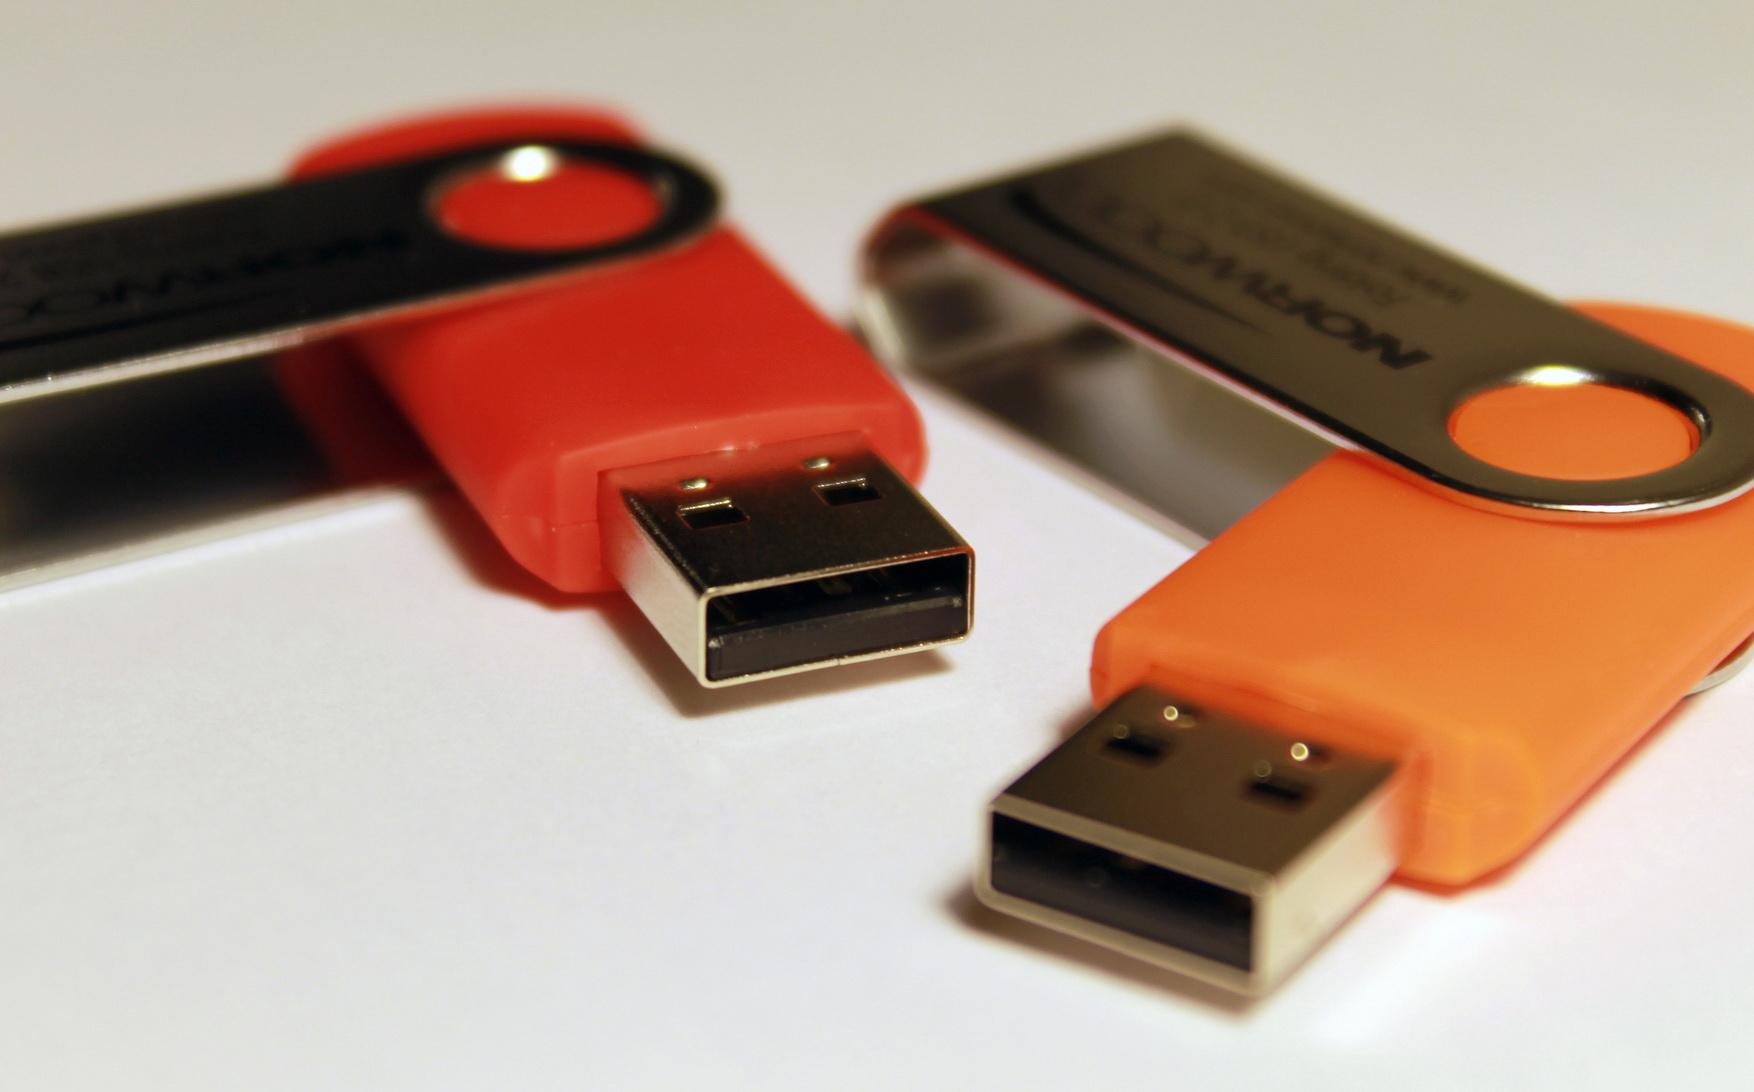 В Австралии хакеры подбрасывают USB-флешки с малварью в почтовые ящики